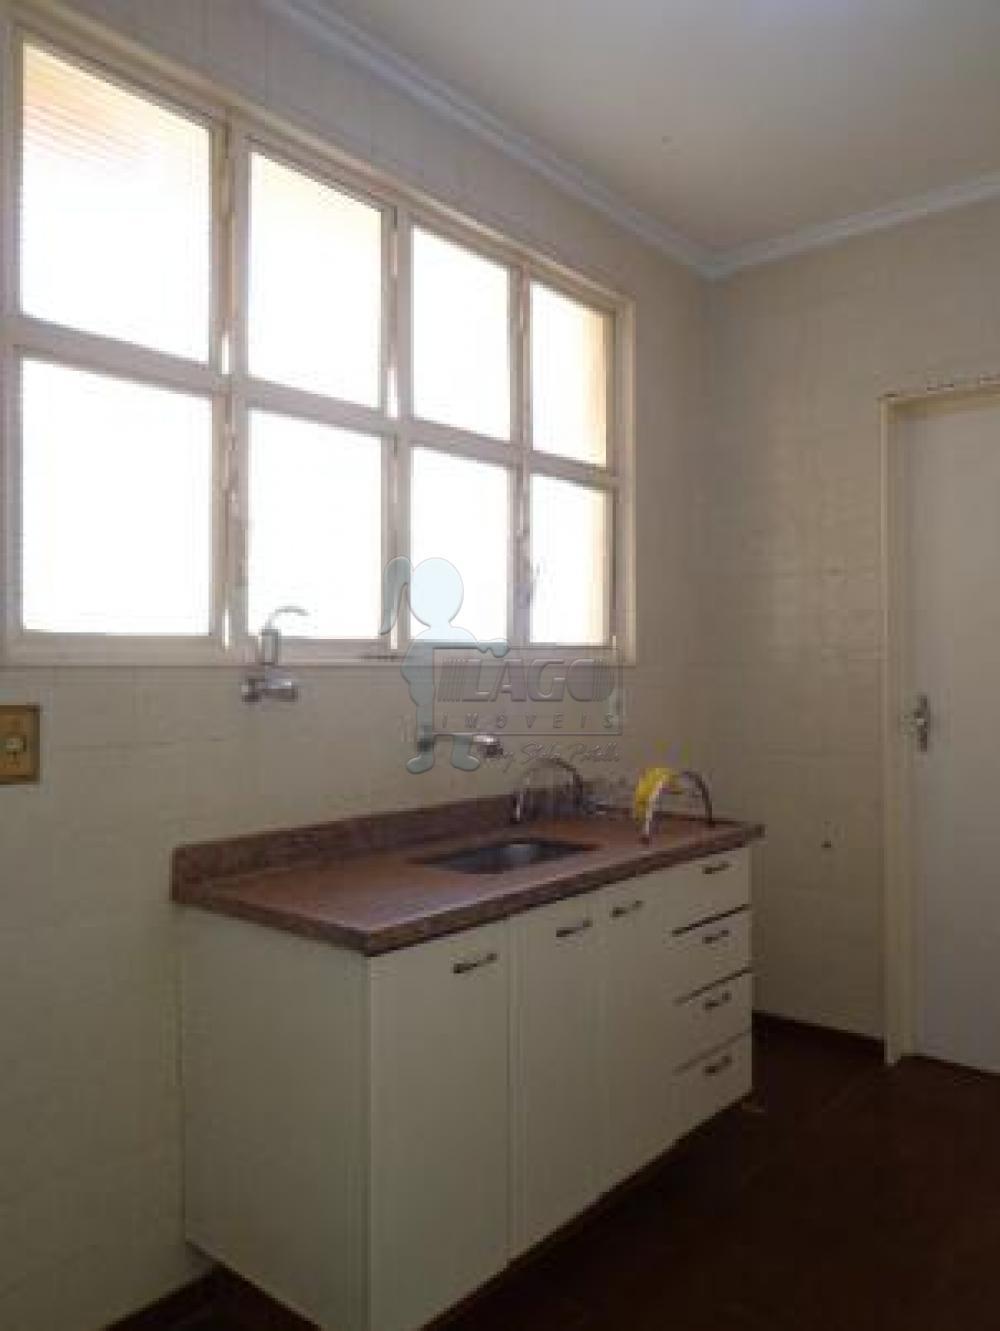 Alugar Apartamento / Padrão em Ribeirão Preto apenas R$ 450,00 - Foto 4